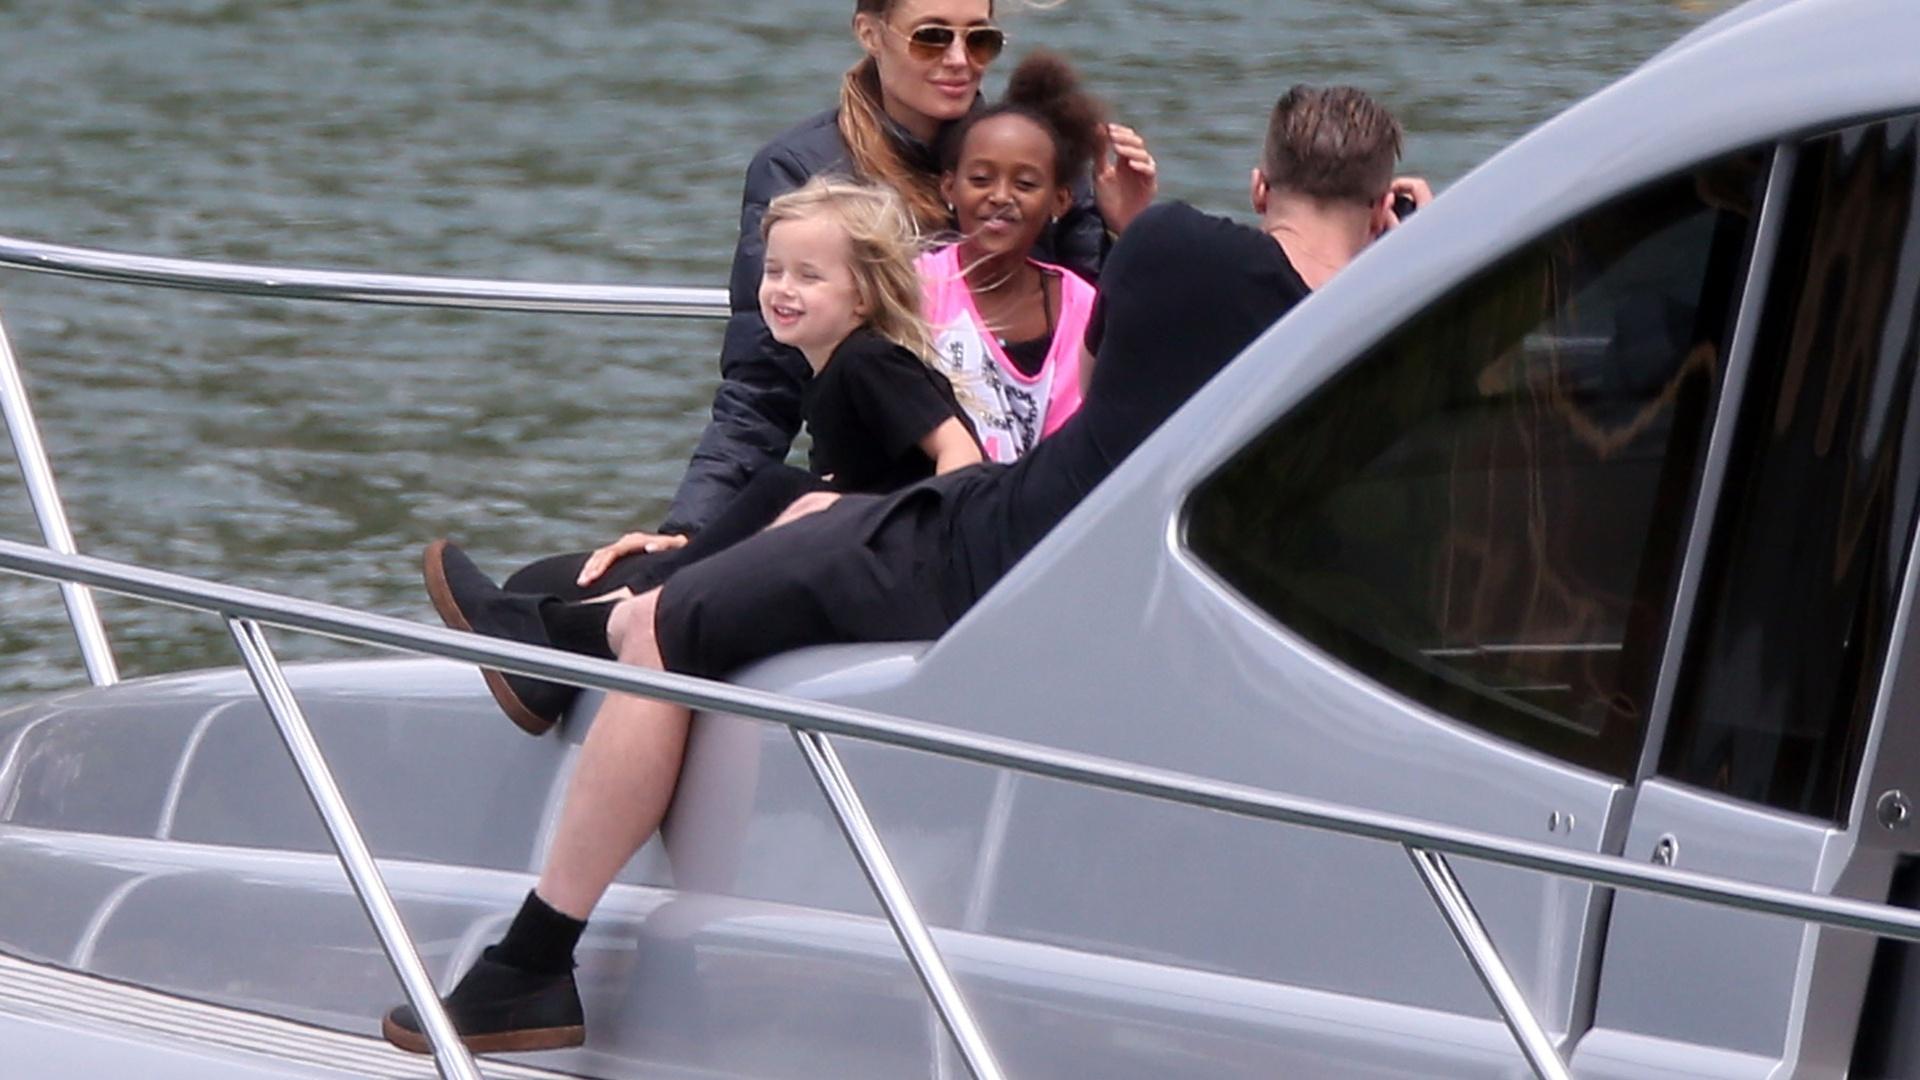 3.dez.2013 - Brad Pitt e Angelina Jolie se divertem com os seis filhos: Zahara, Vivienne, Knox, Pax, Shiloh e Maddox, em iate em Sydney